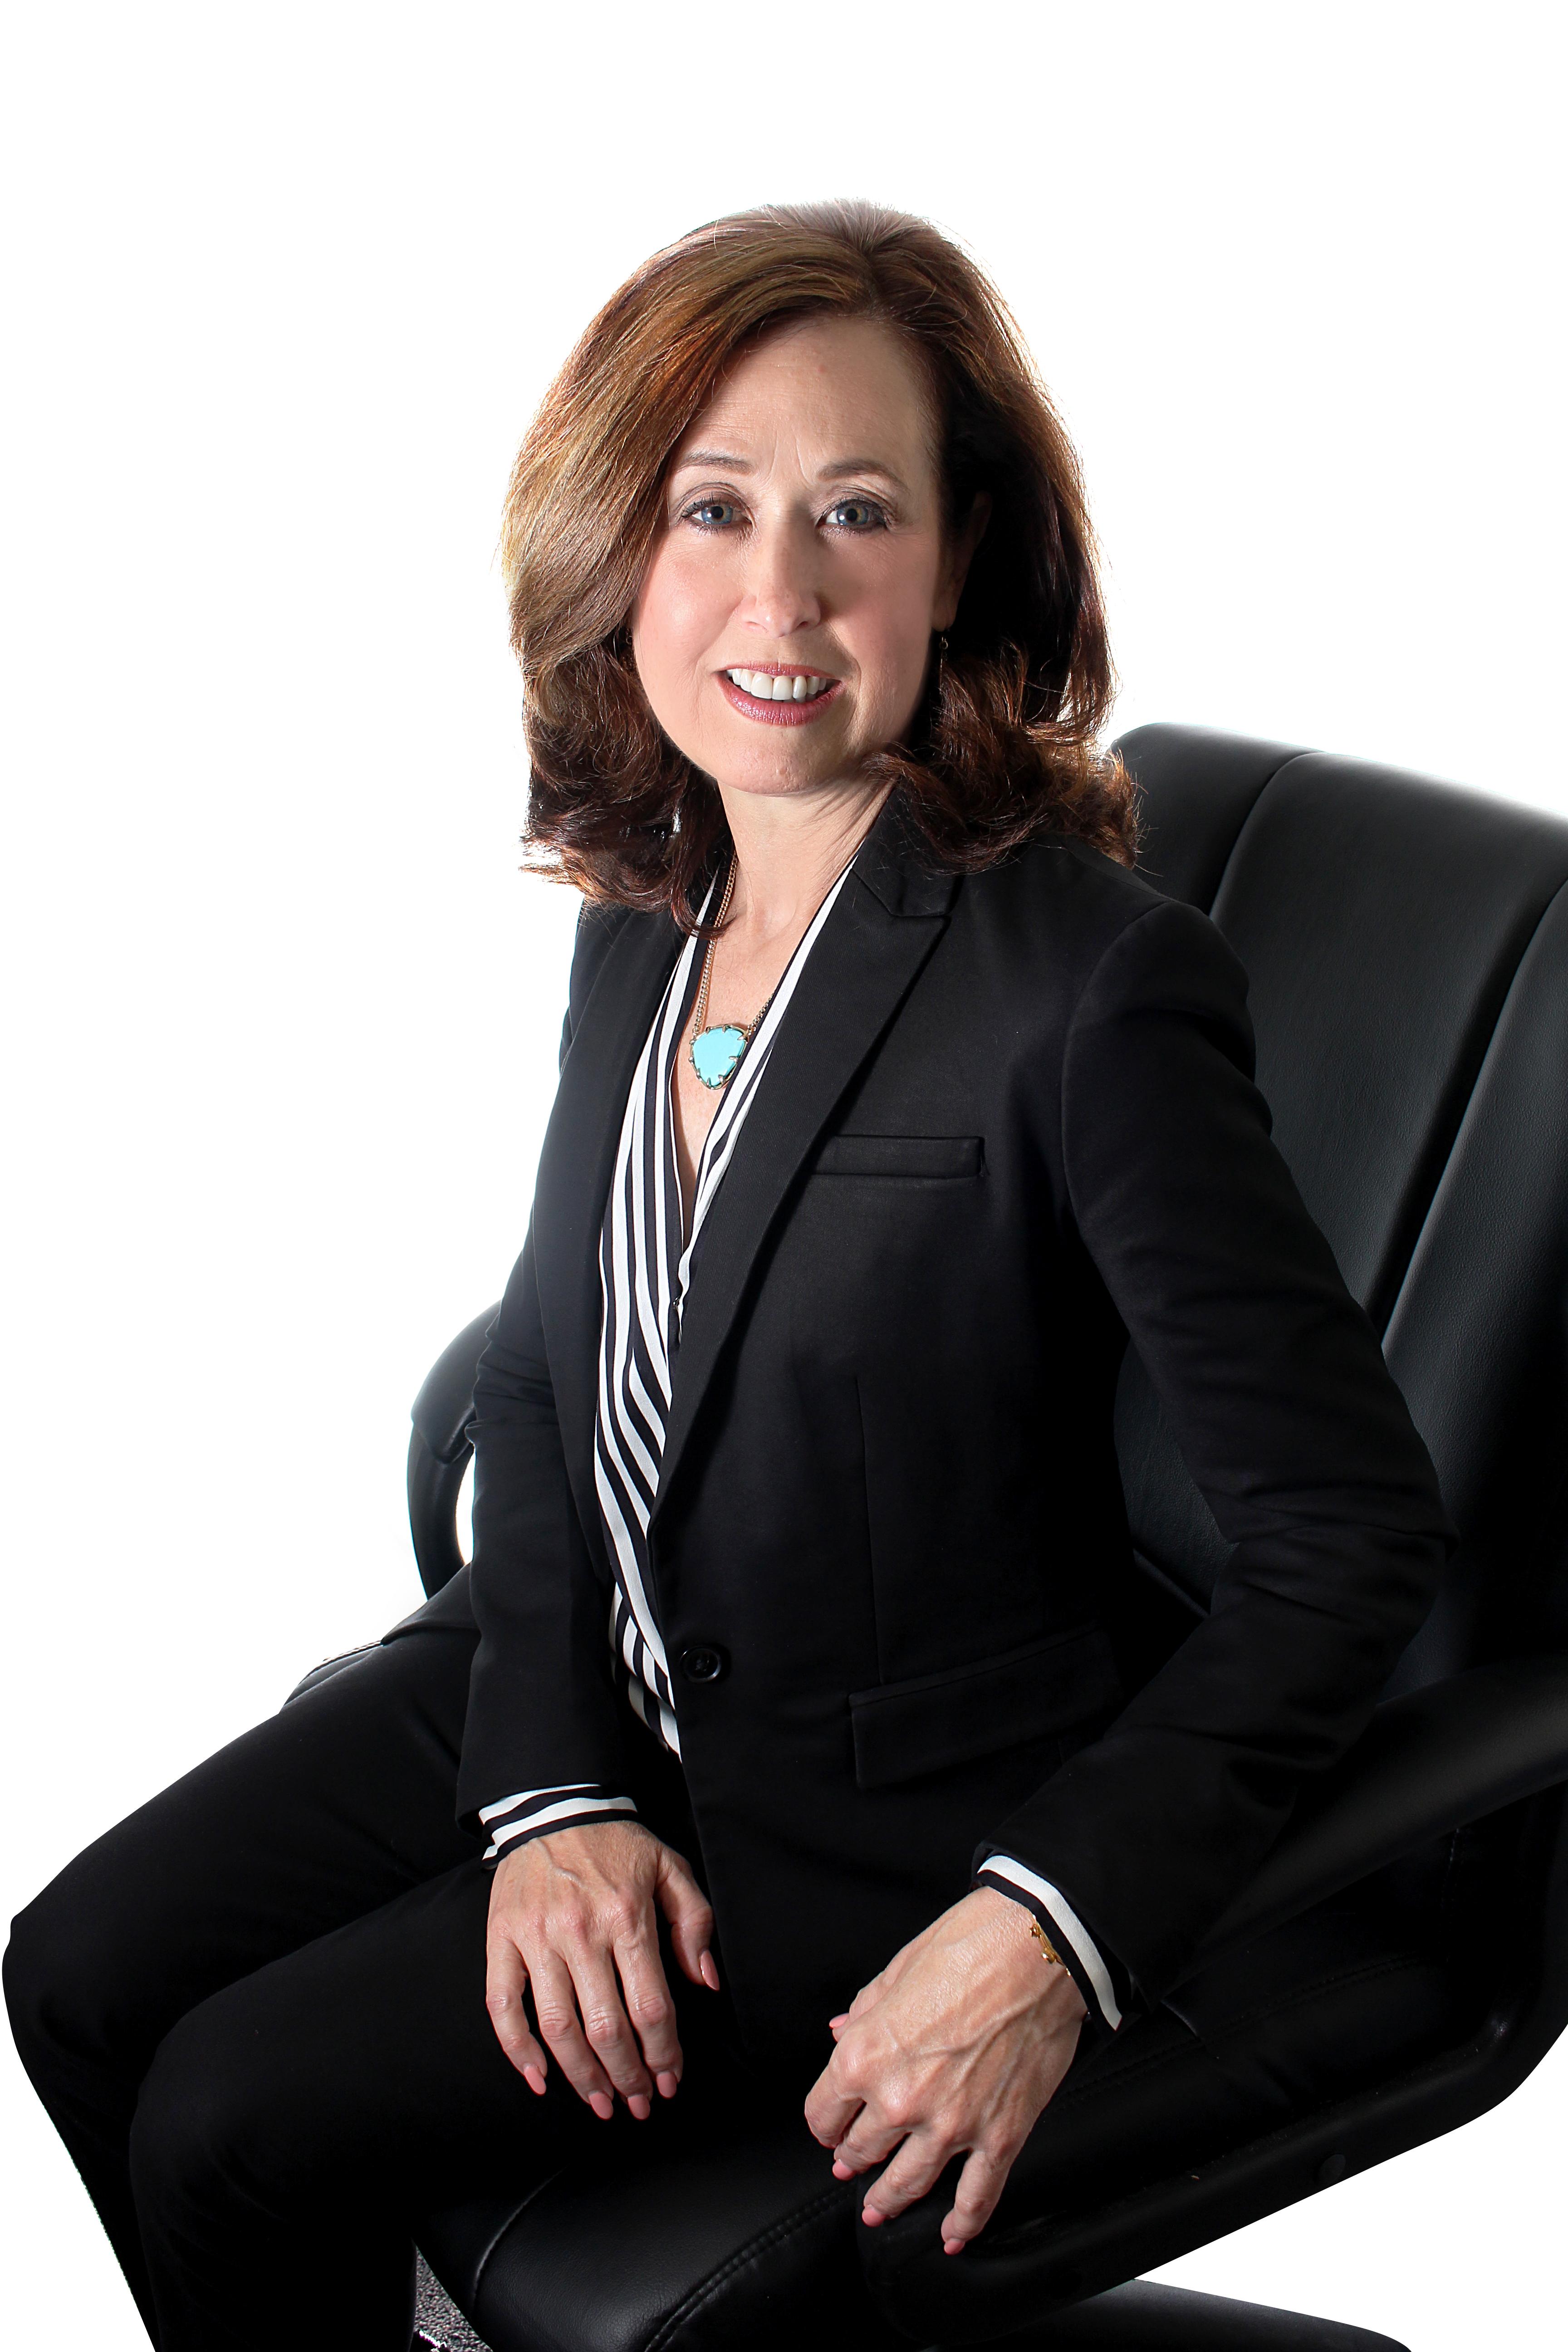 Susan Davenport